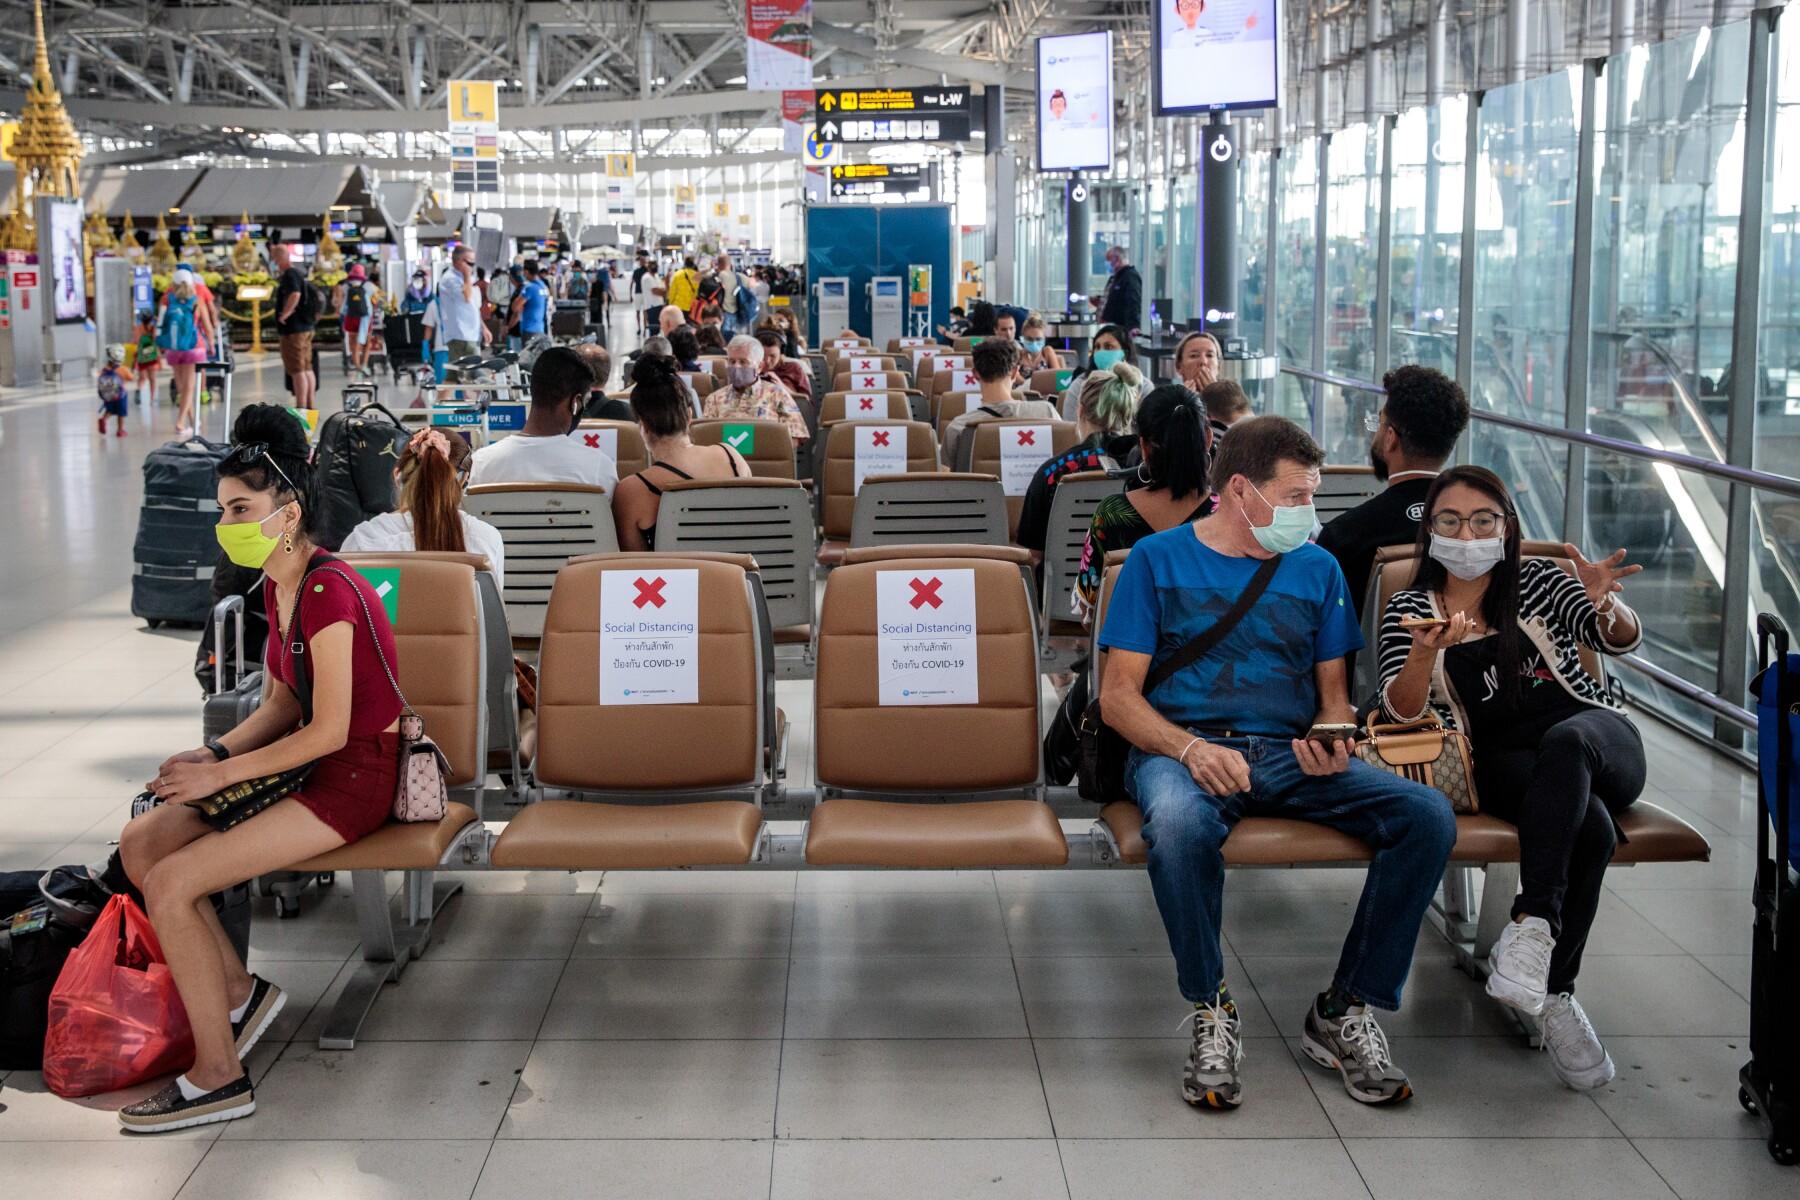 Norteamérica perderá siete millones de empleos en turismo por el coronavirus